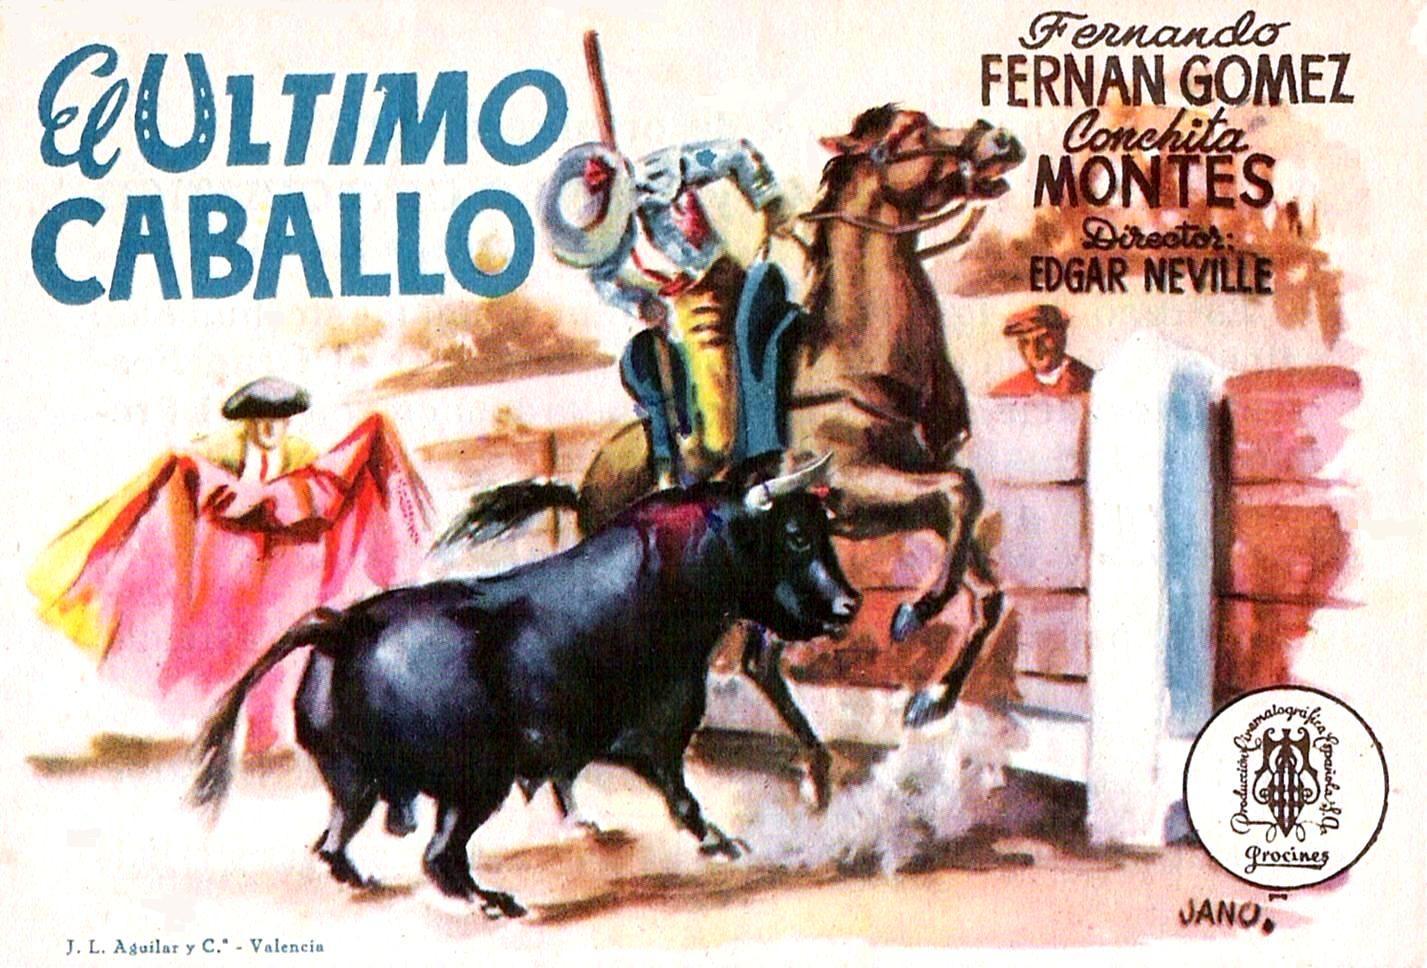 El último caballo (1950)